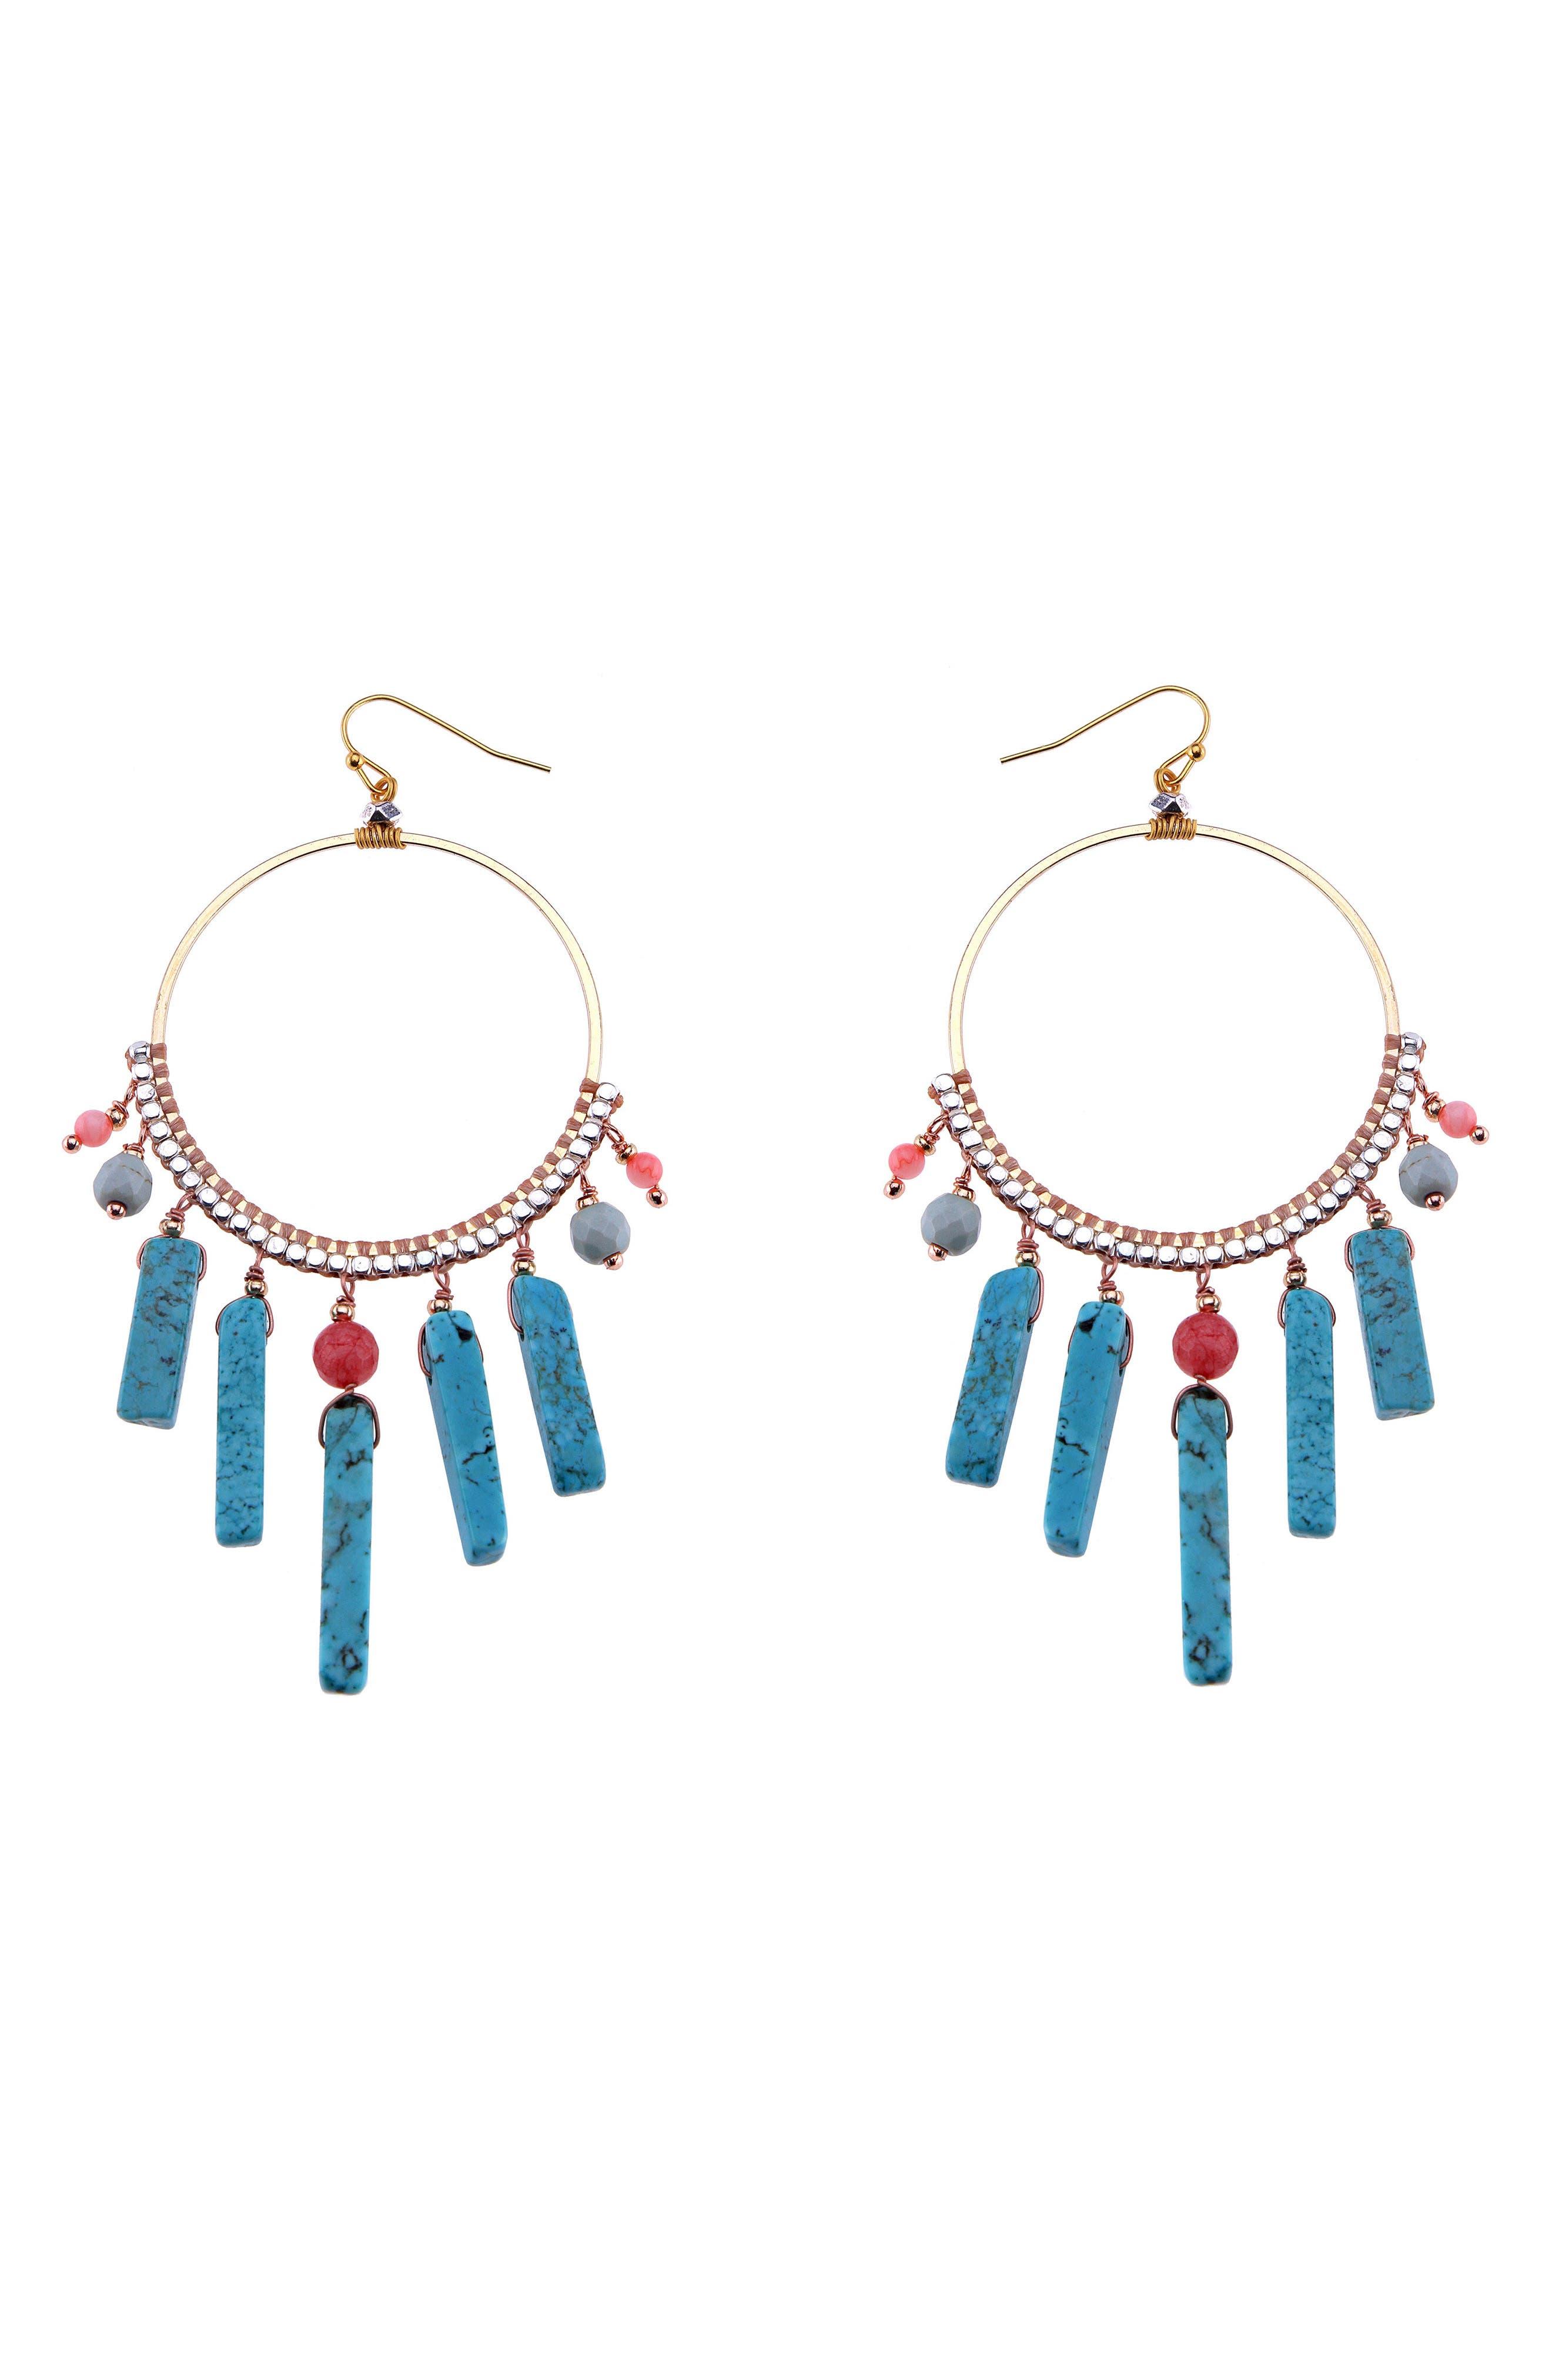 Howlite & Crystal Hoop Earrings,                         Main,                         color, 400